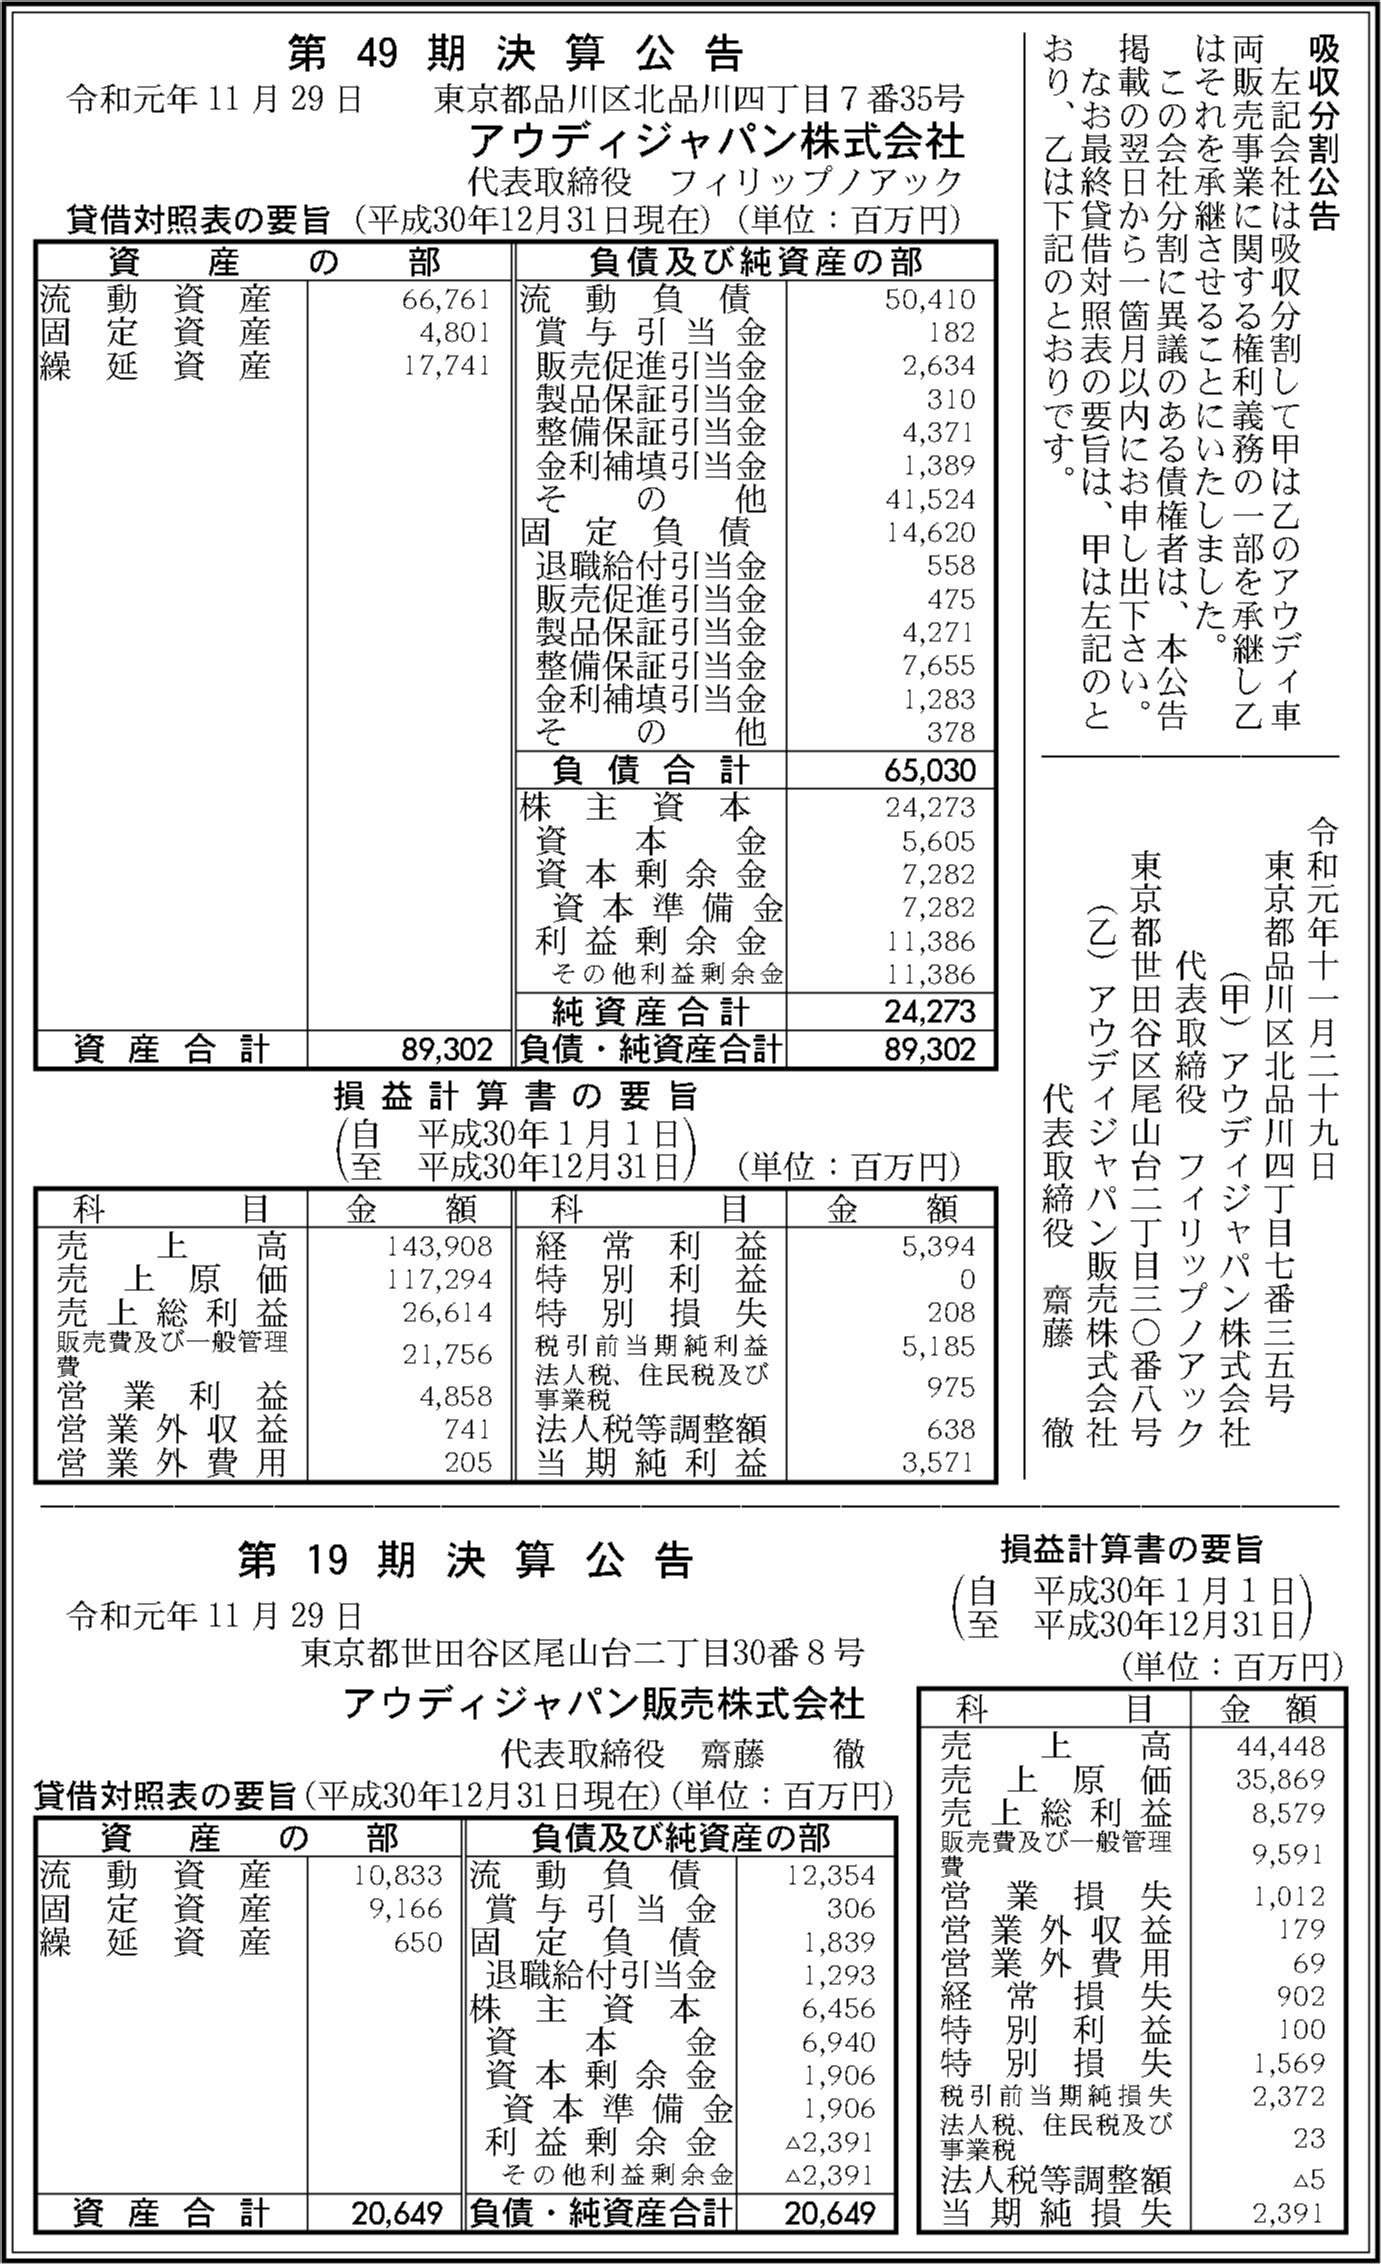 0064 4d934ebbedbc3db1afa03bbe9b39838787e7d0fa0119ffec3434542825eeeea05c1d0a39cb5a0d248d6694146605f0cd6410a3366769c31972e56fc3c77e8afc 03